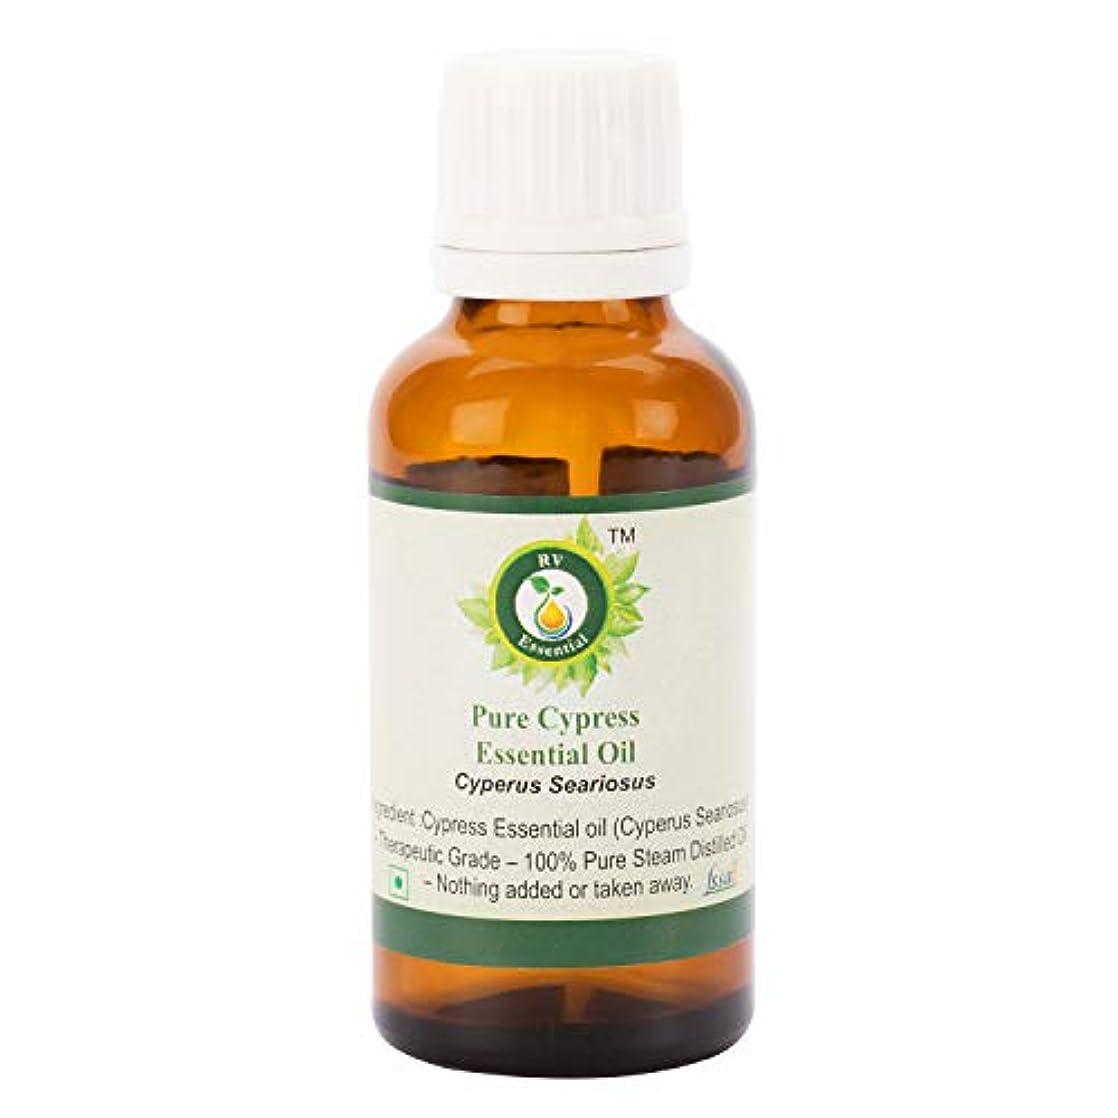 縮れた生産的時代ピュアサイプレスエッセンシャルオイル100ml (3.38oz)- Cyperus Seariosus (100%純粋&天然スチームDistilled) Pure Cypress Essential Oil